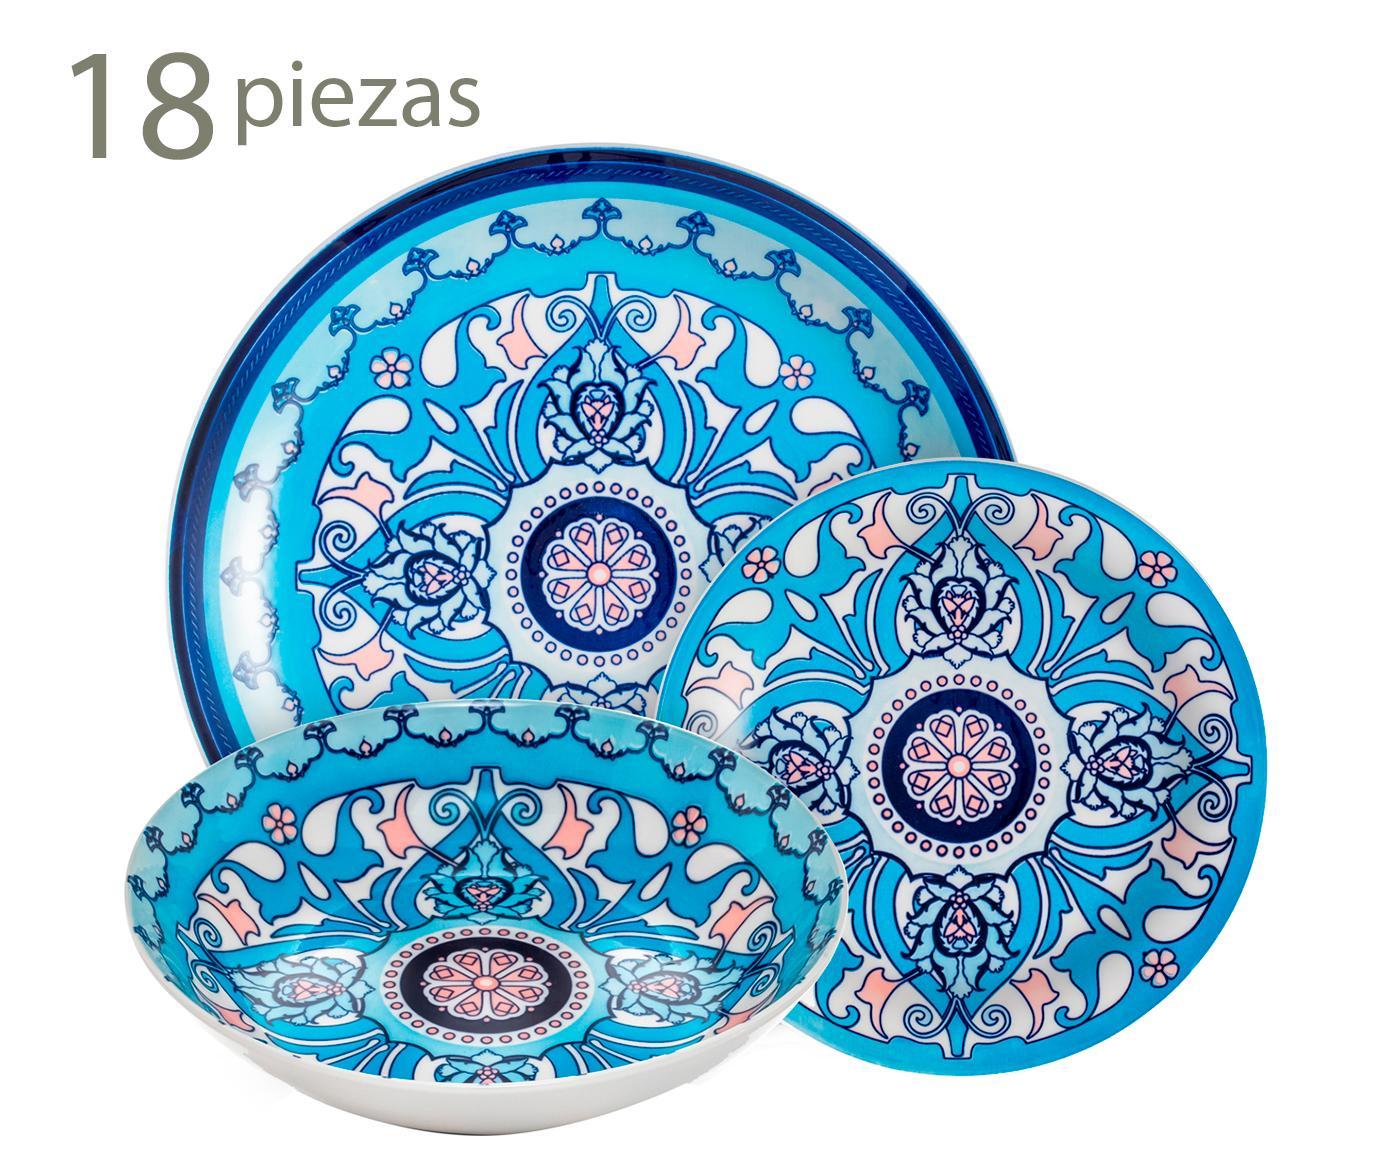 Vajilla En Porcelana Corfu - 18 Piezas